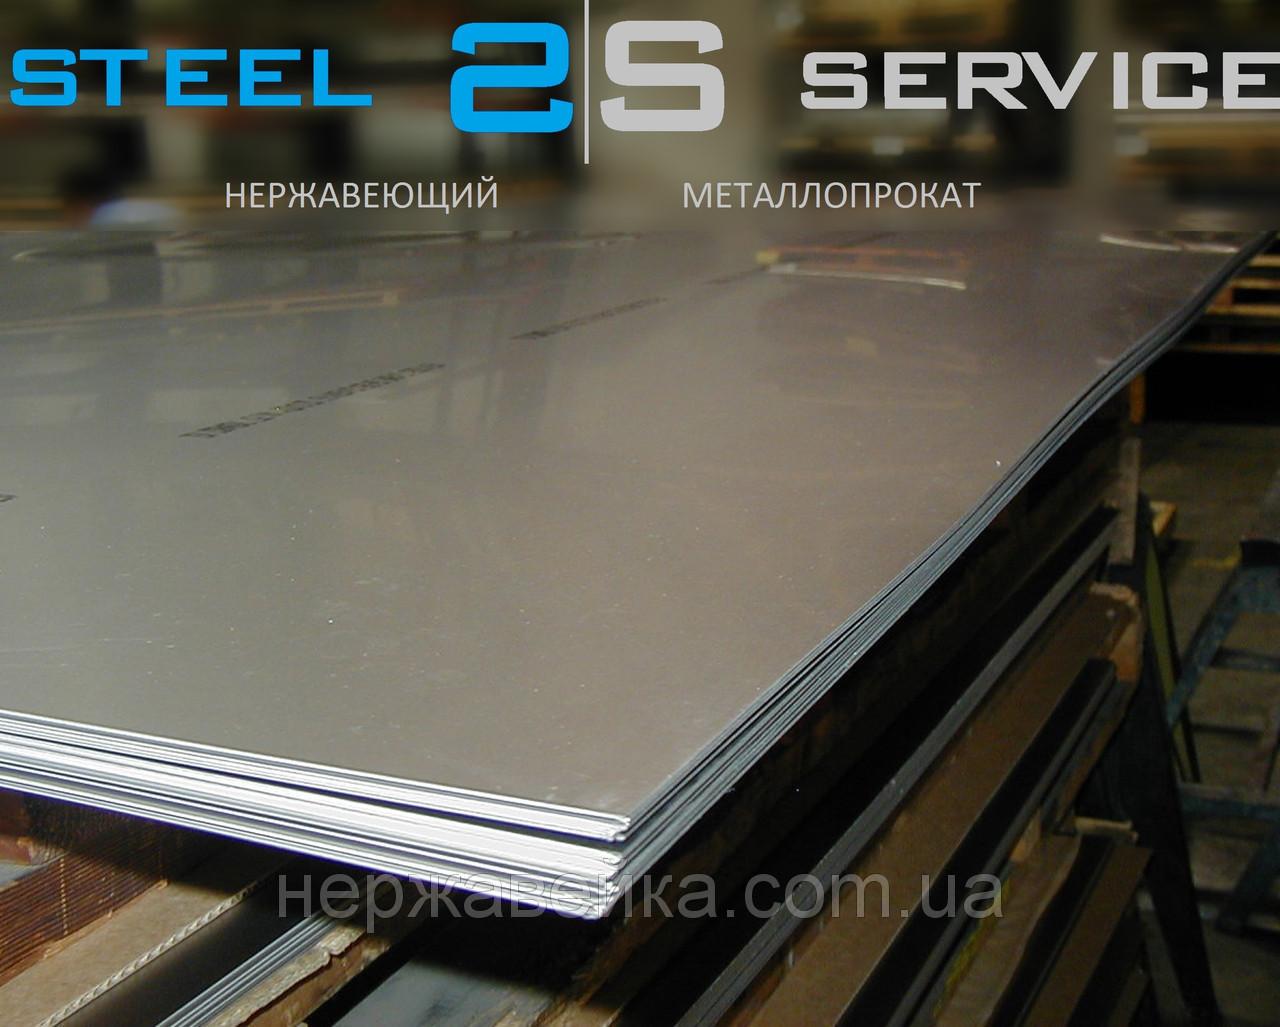 Нержавейка лист 14х1500х3000мм  AISI 321(08Х18Н10Т) F1 - горячекатанный,  пищевой